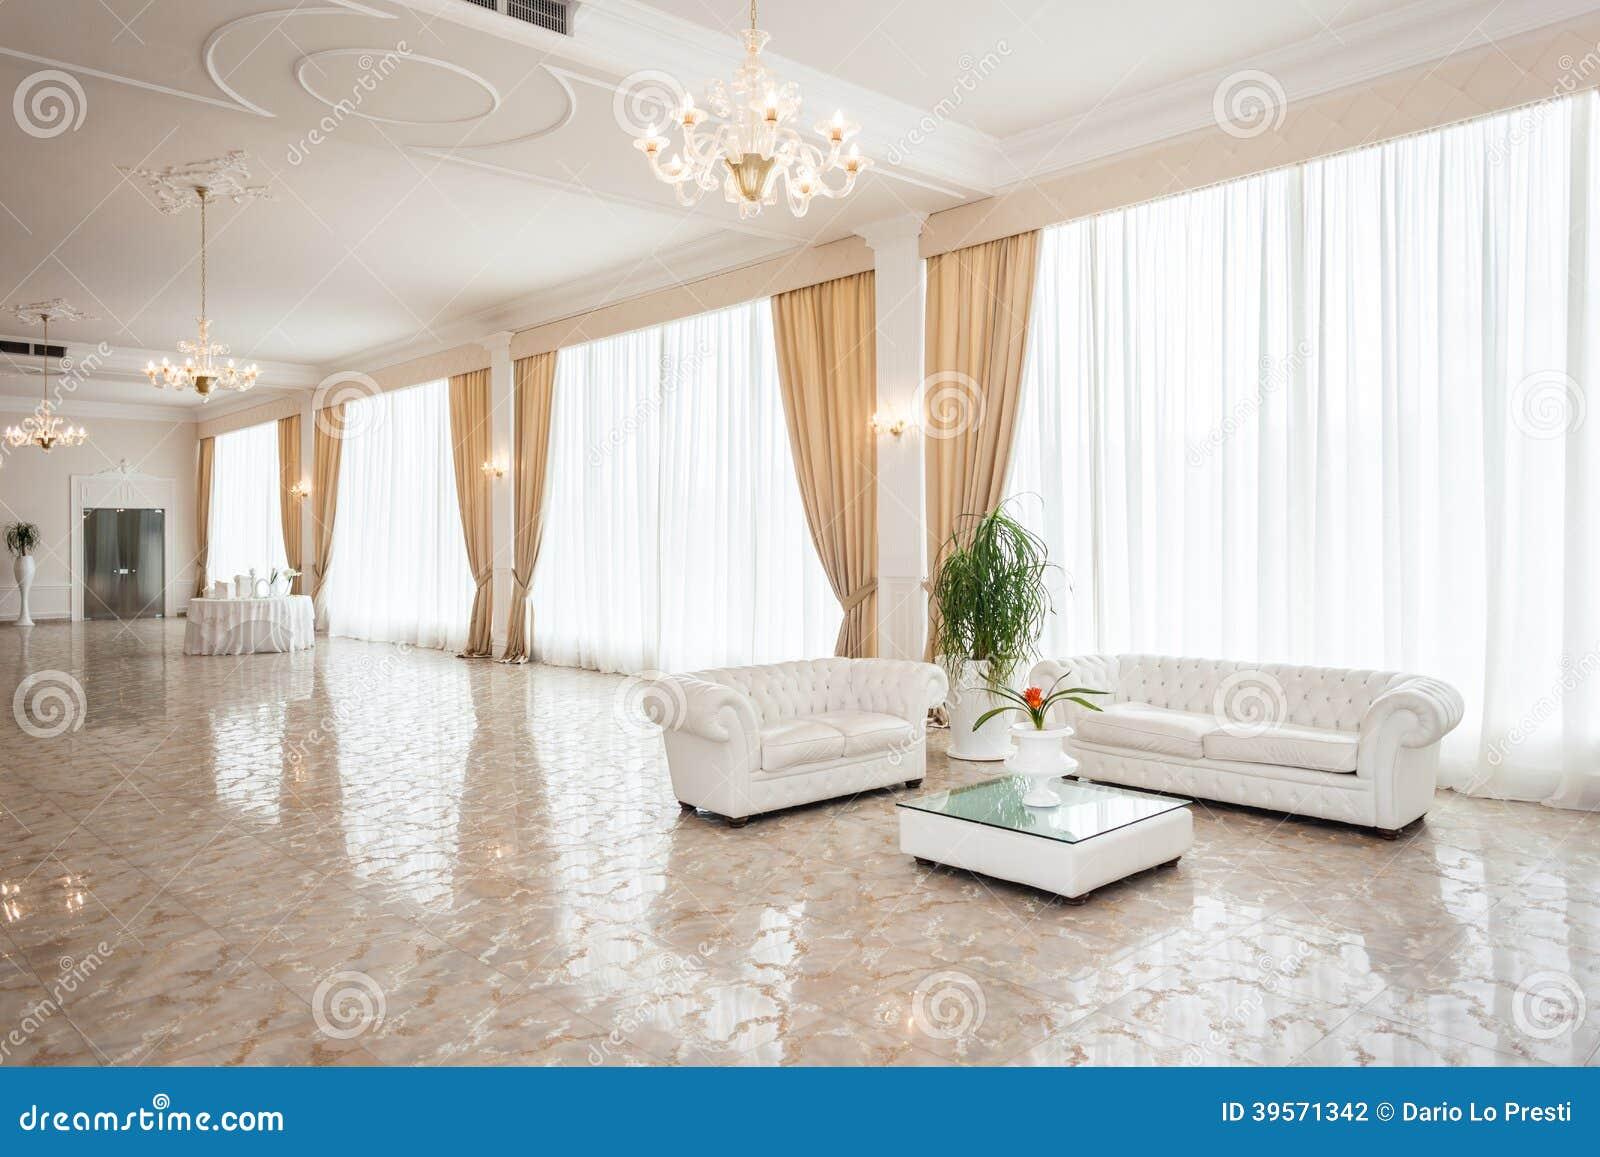 Salotto di lusso fotografia stock immagine 39571342 for Arredamento soggiorno moderno di lusso